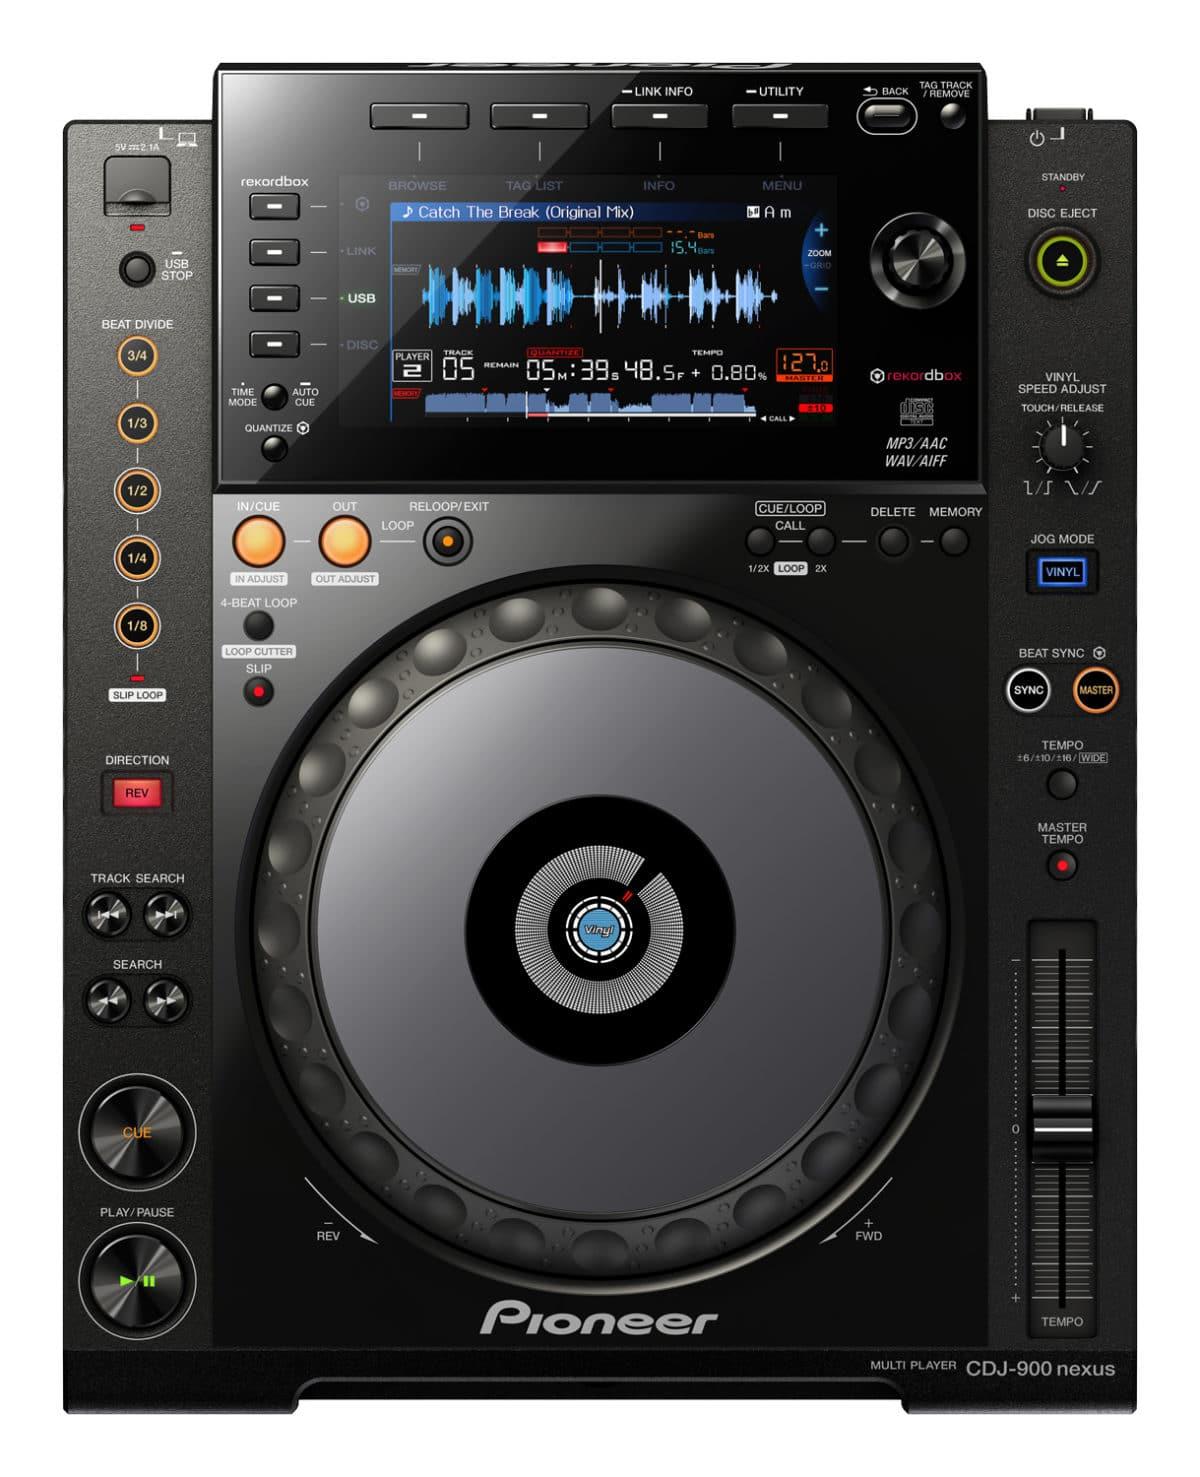 Pioneer CDJ-900 Nexus Pro Multi Player